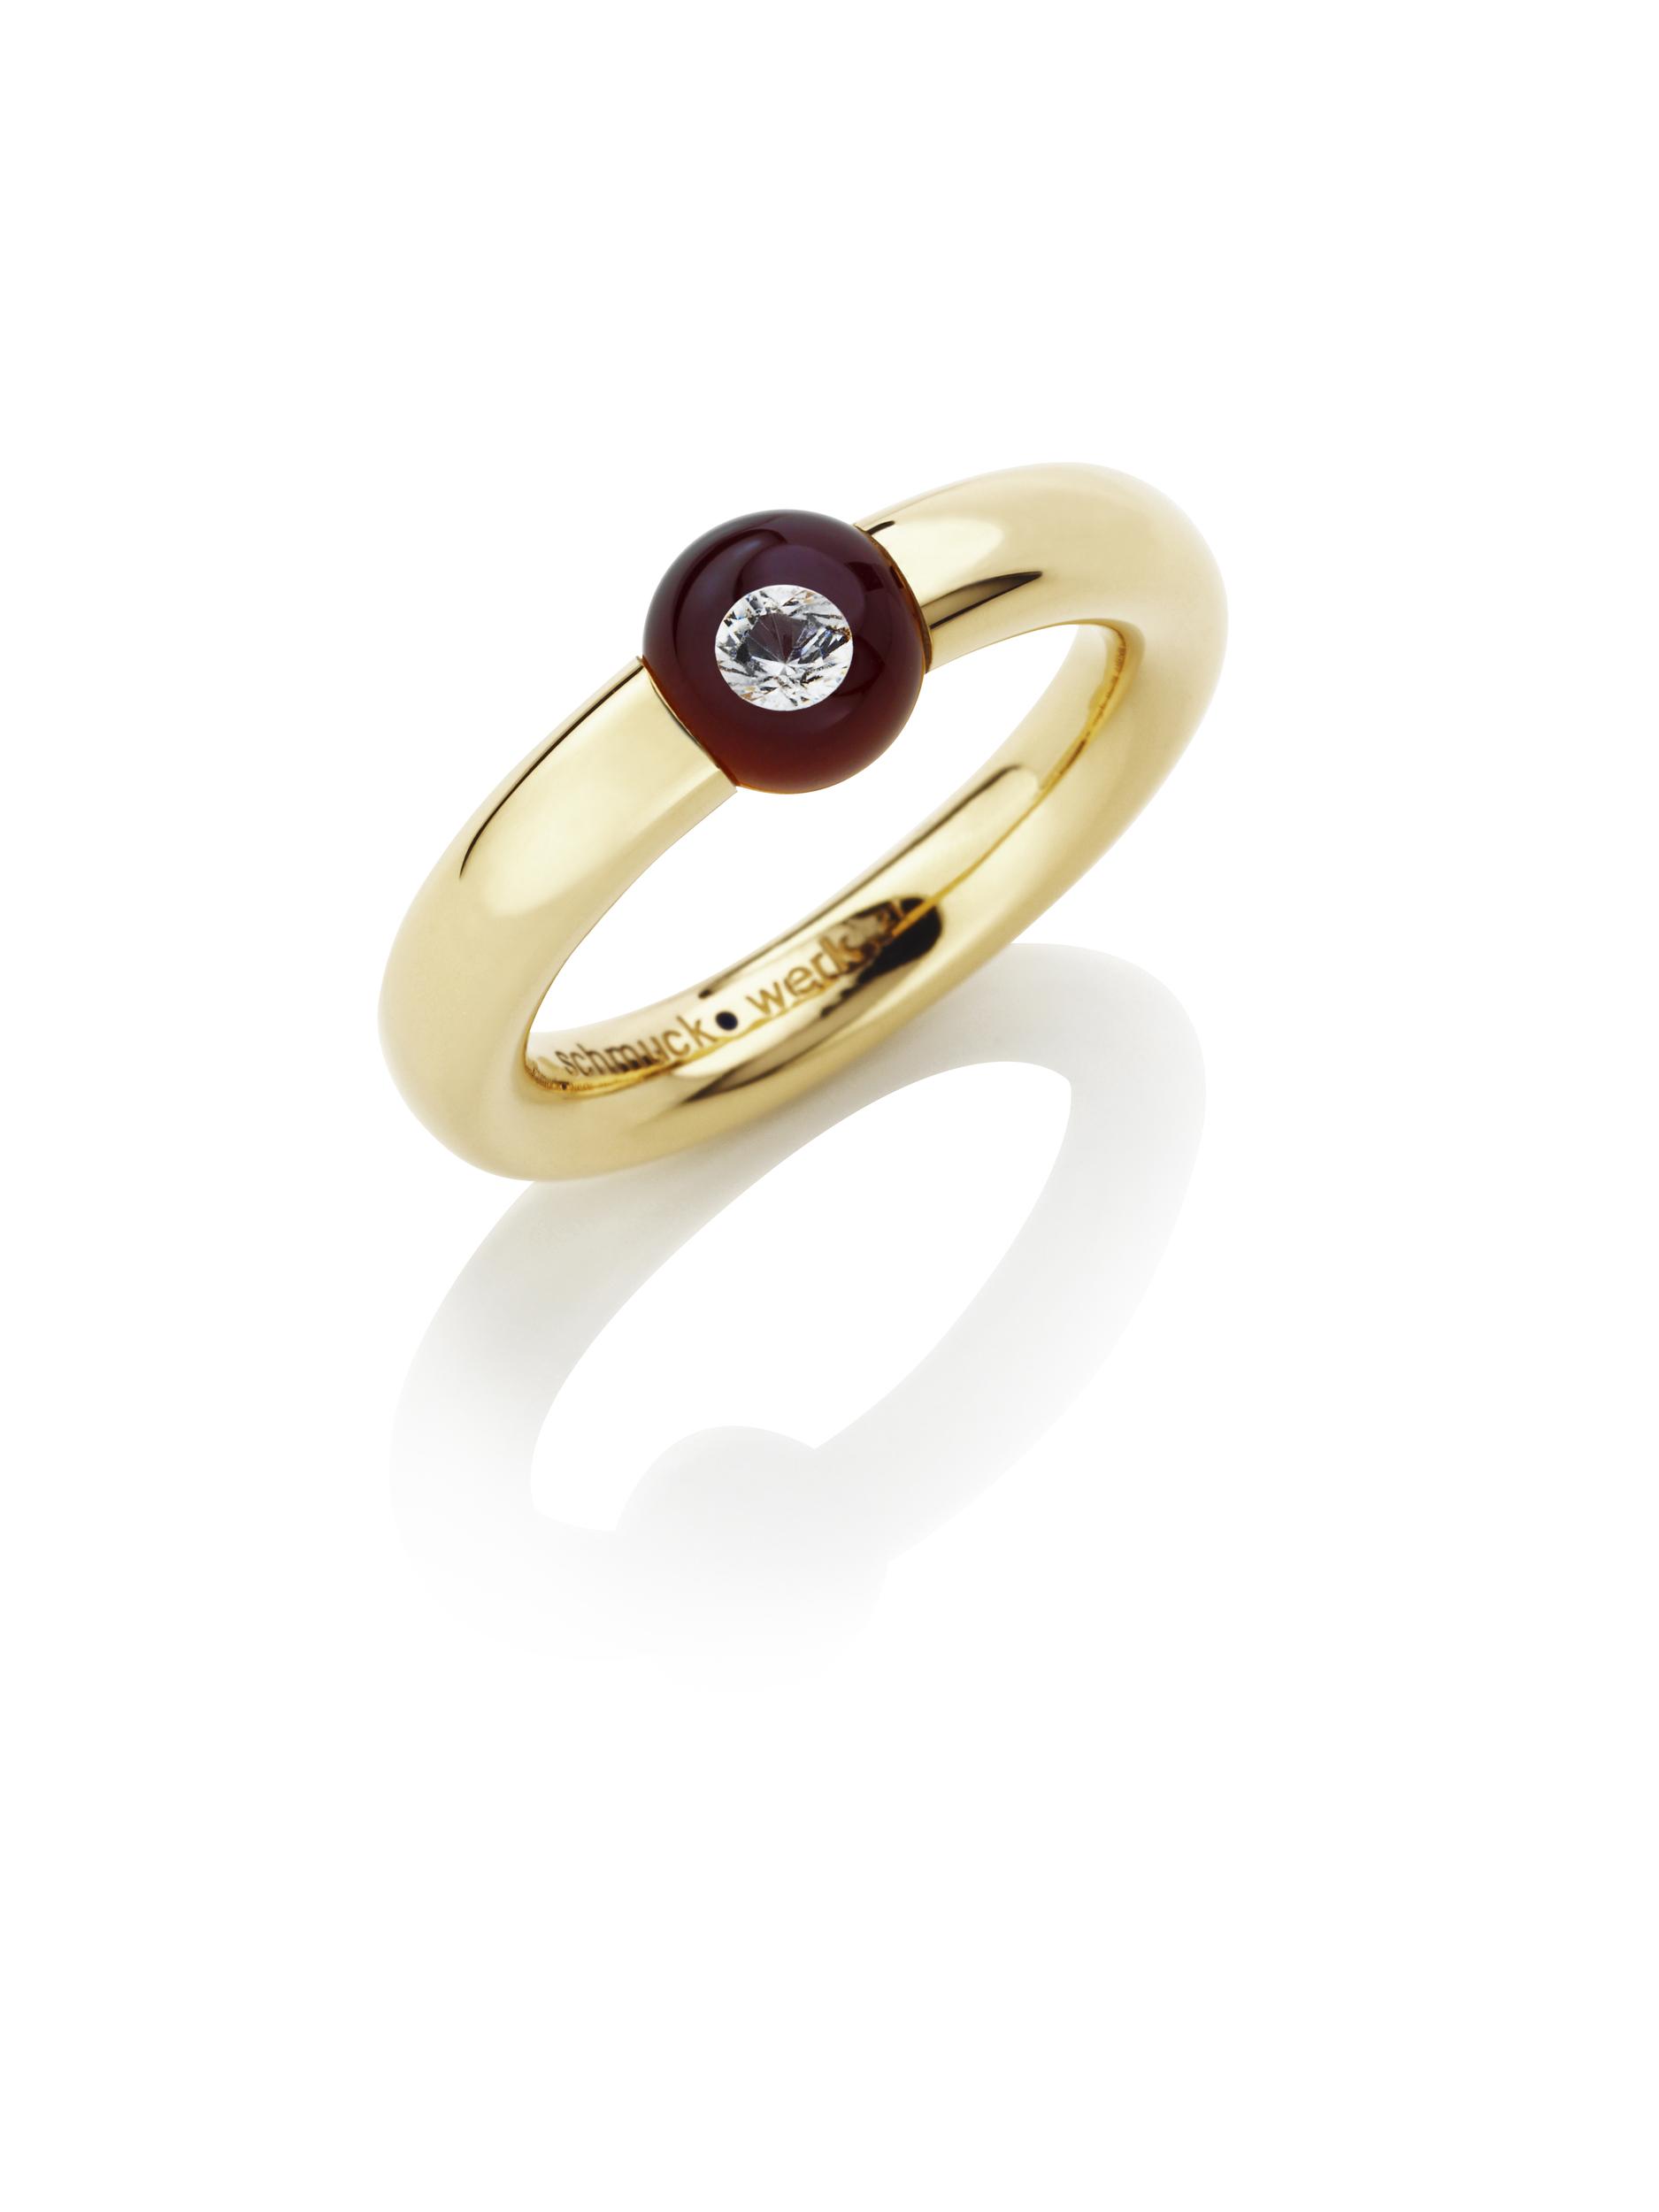 Bague or rose 18k, diamant flottant dans une perle de verre DIAMOND IN GLASS